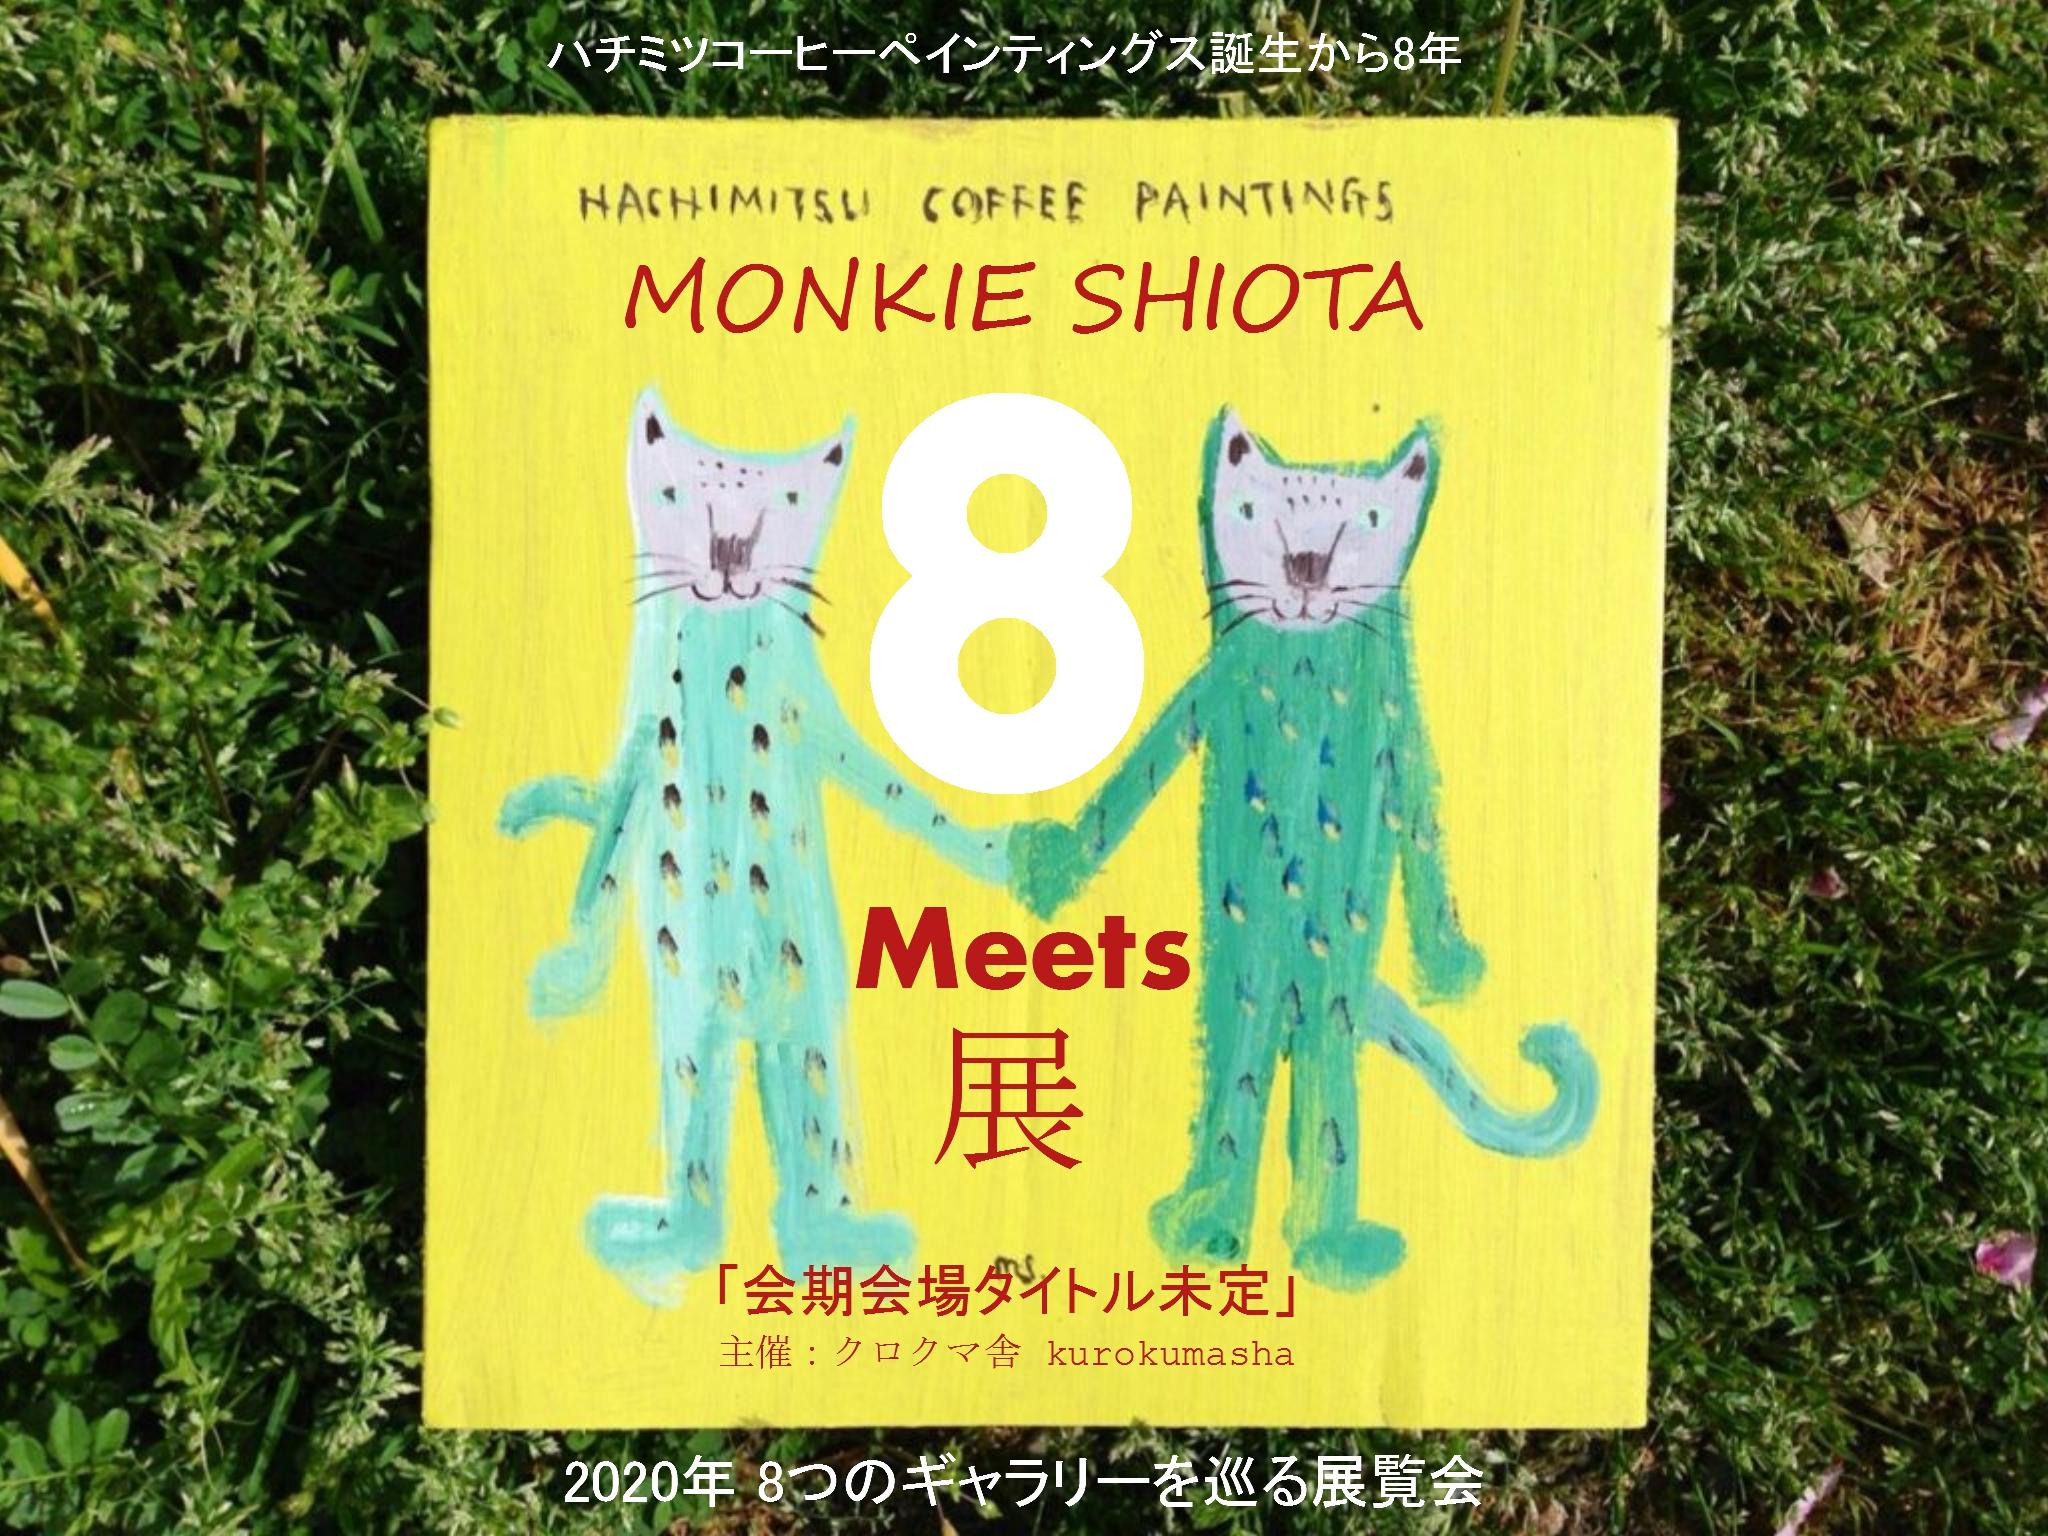 モンキーシオタ 8Meets展